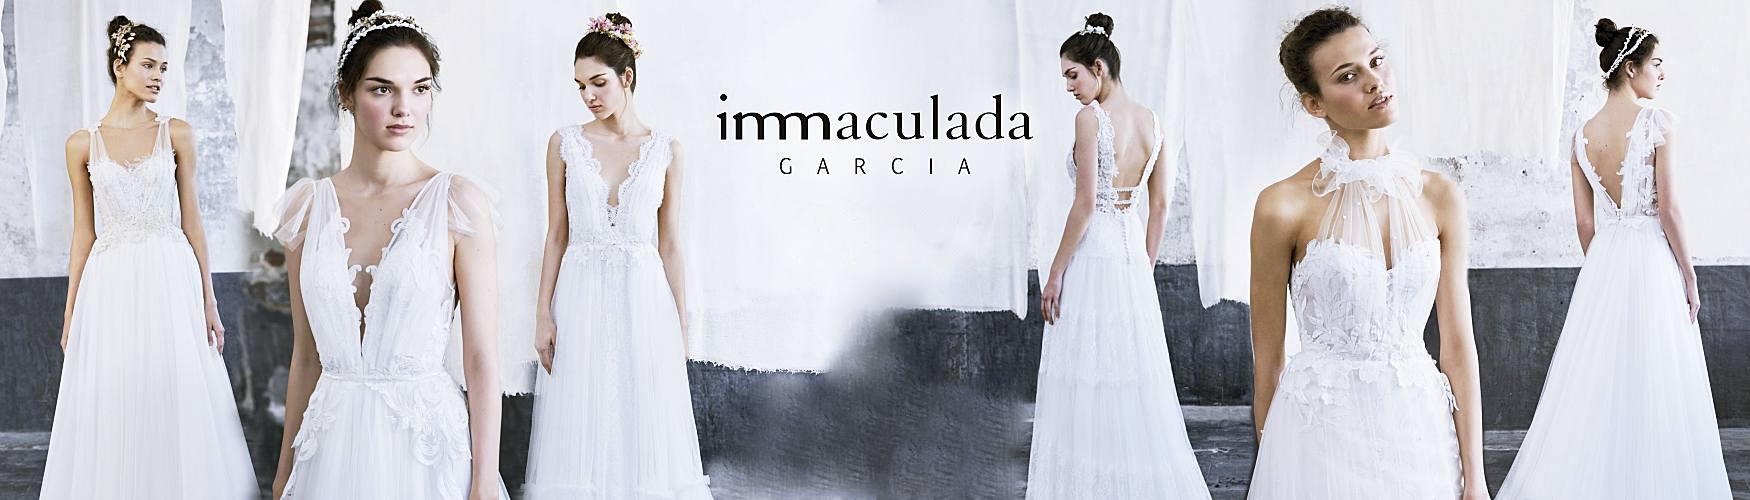 Inmaculada Garcia 2019